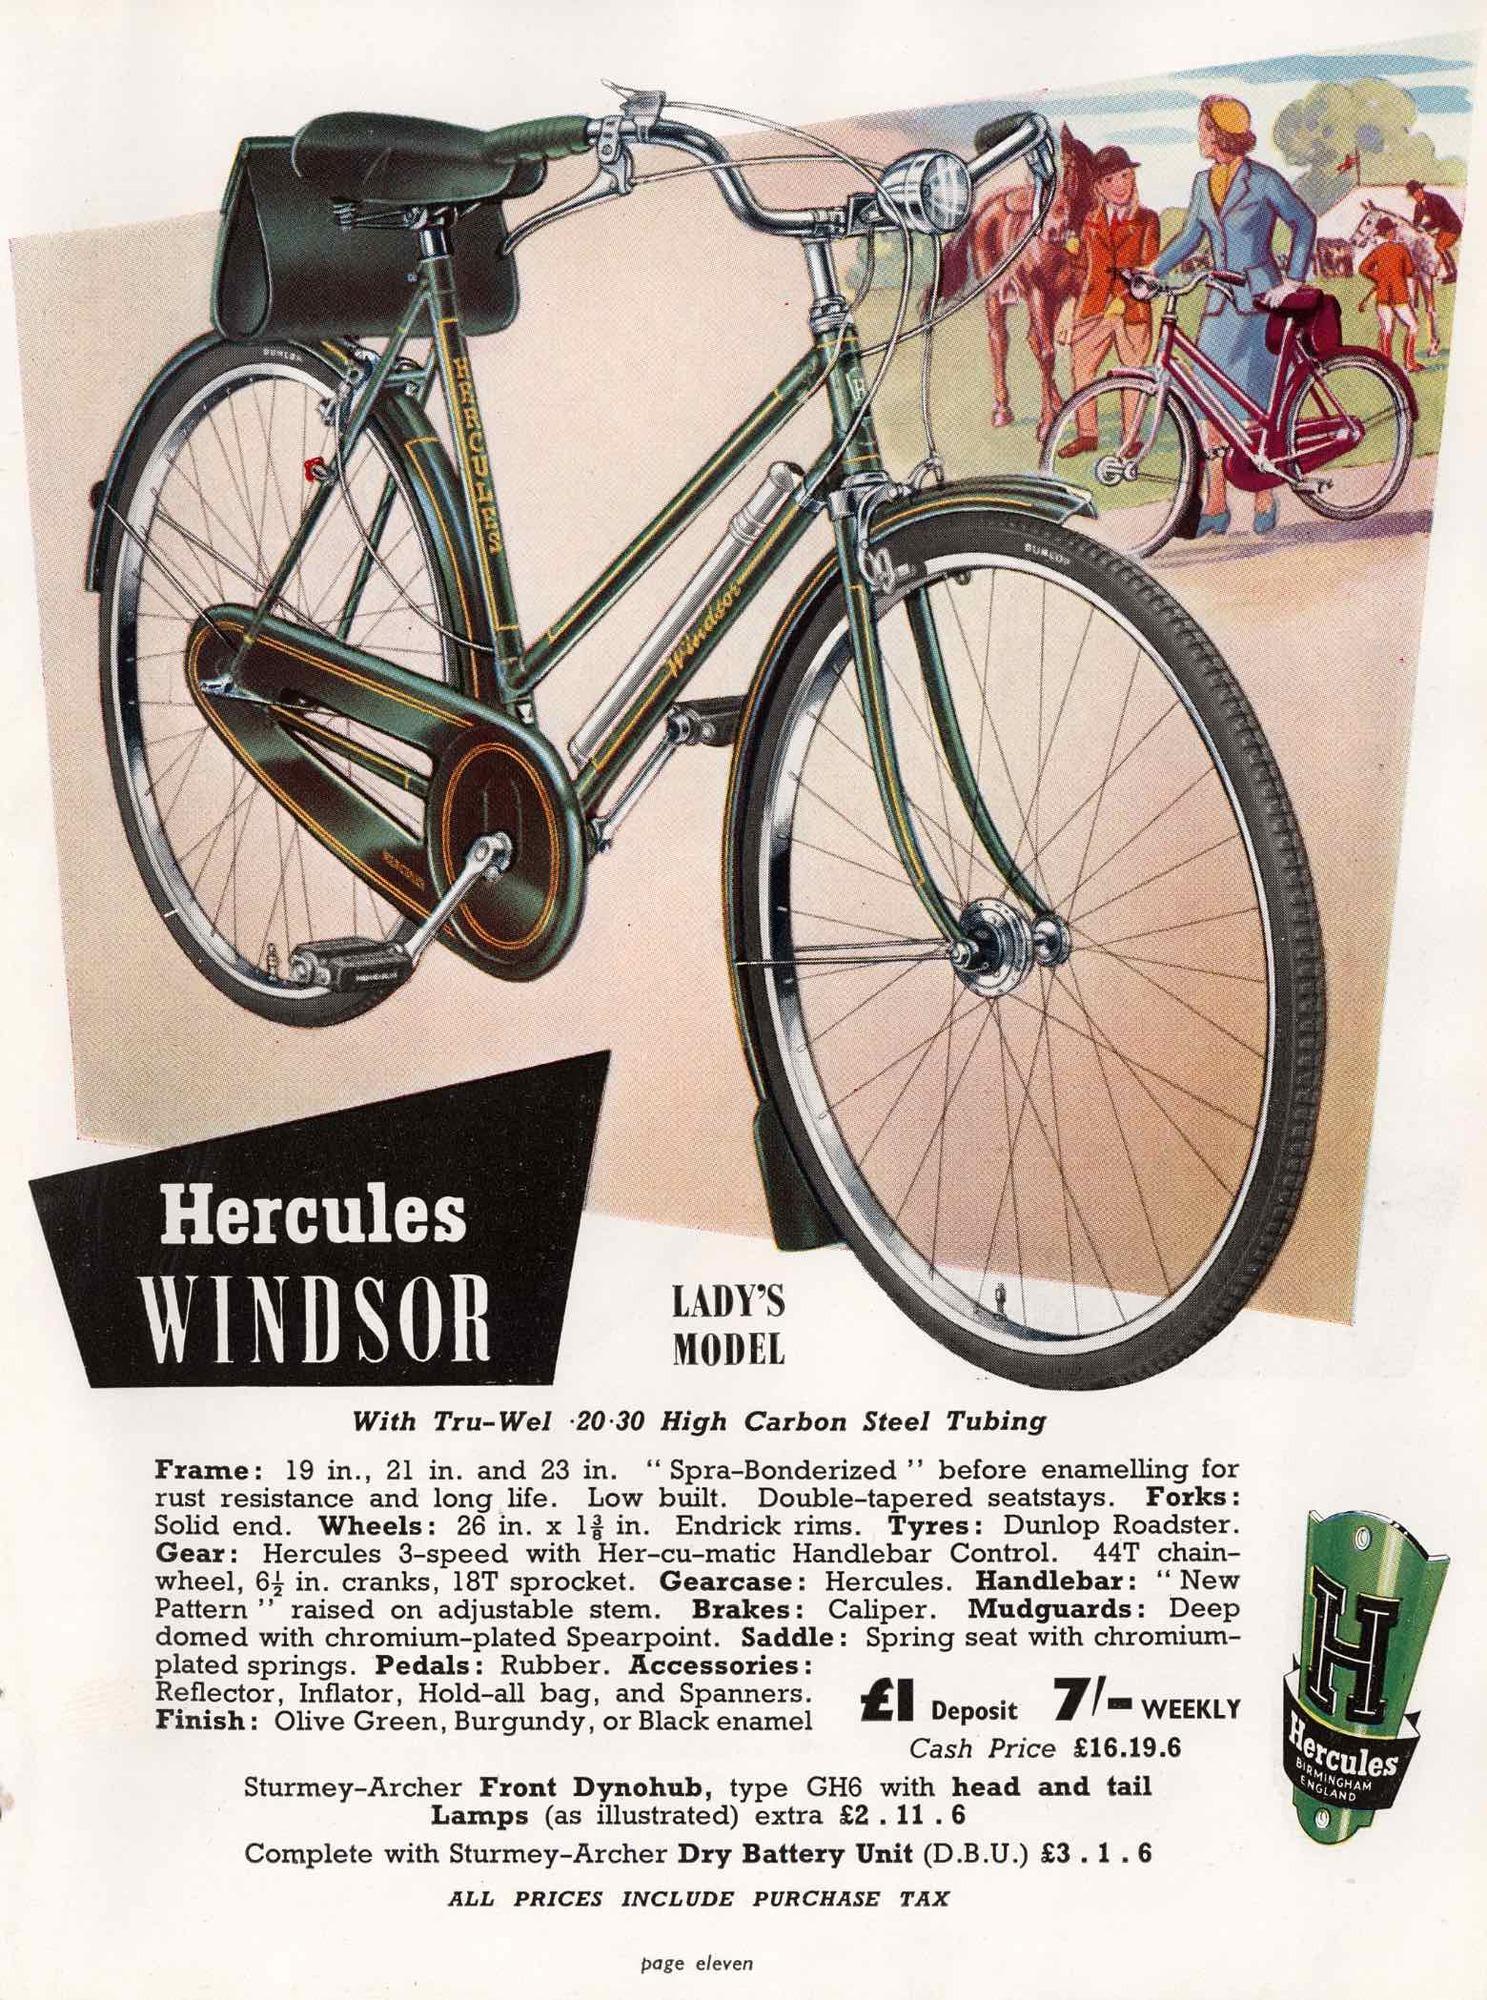 Hercules_-_Wonder_Wheels_1955_page_11_main_image.jpg